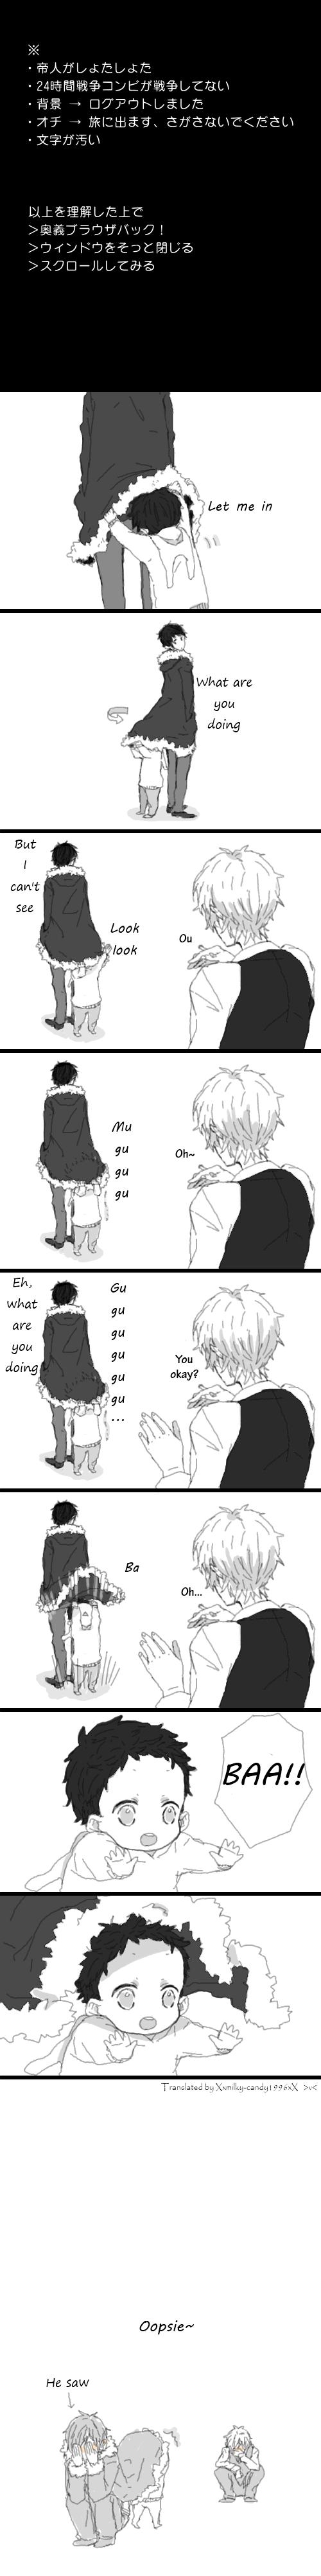 Tags: Anime, Pixiv Id 1742810, DURARARA!!, Ryuugamine Mikado, Heiwajima Shizuo, Orihara Izaya, Comic, Translated, Pixiv